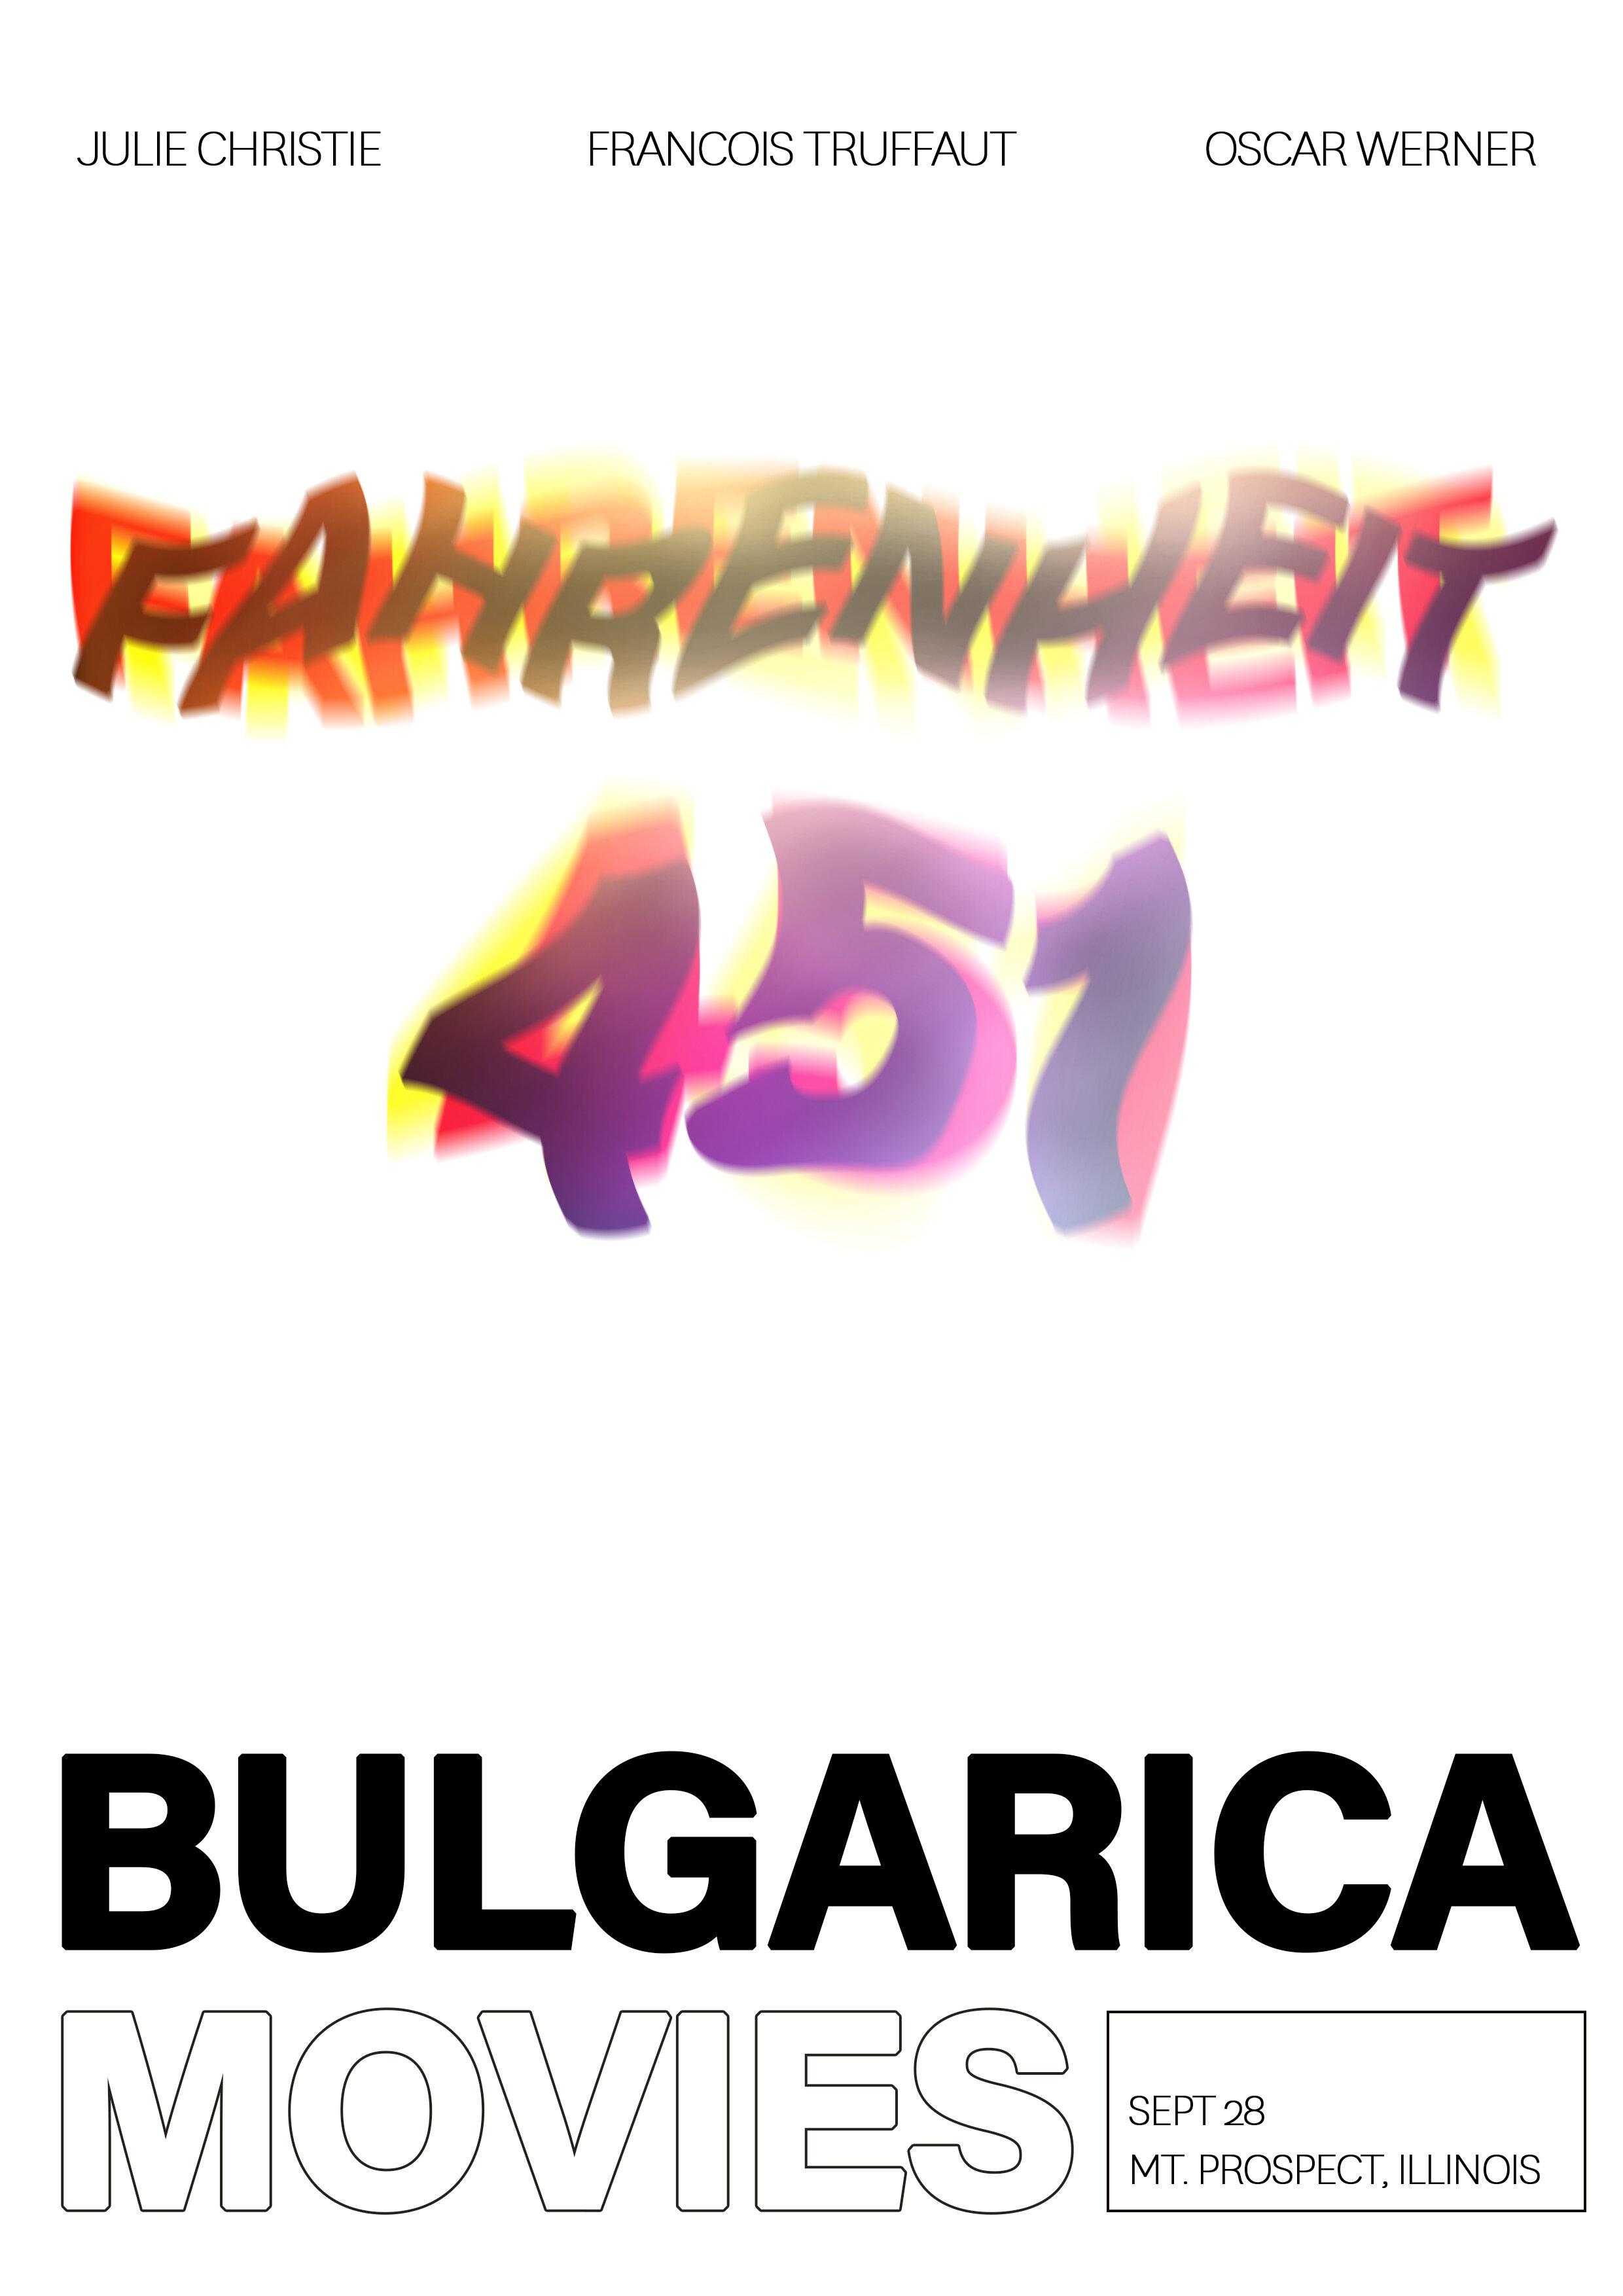 BULGARICA-POSTER-MOVES.jpg